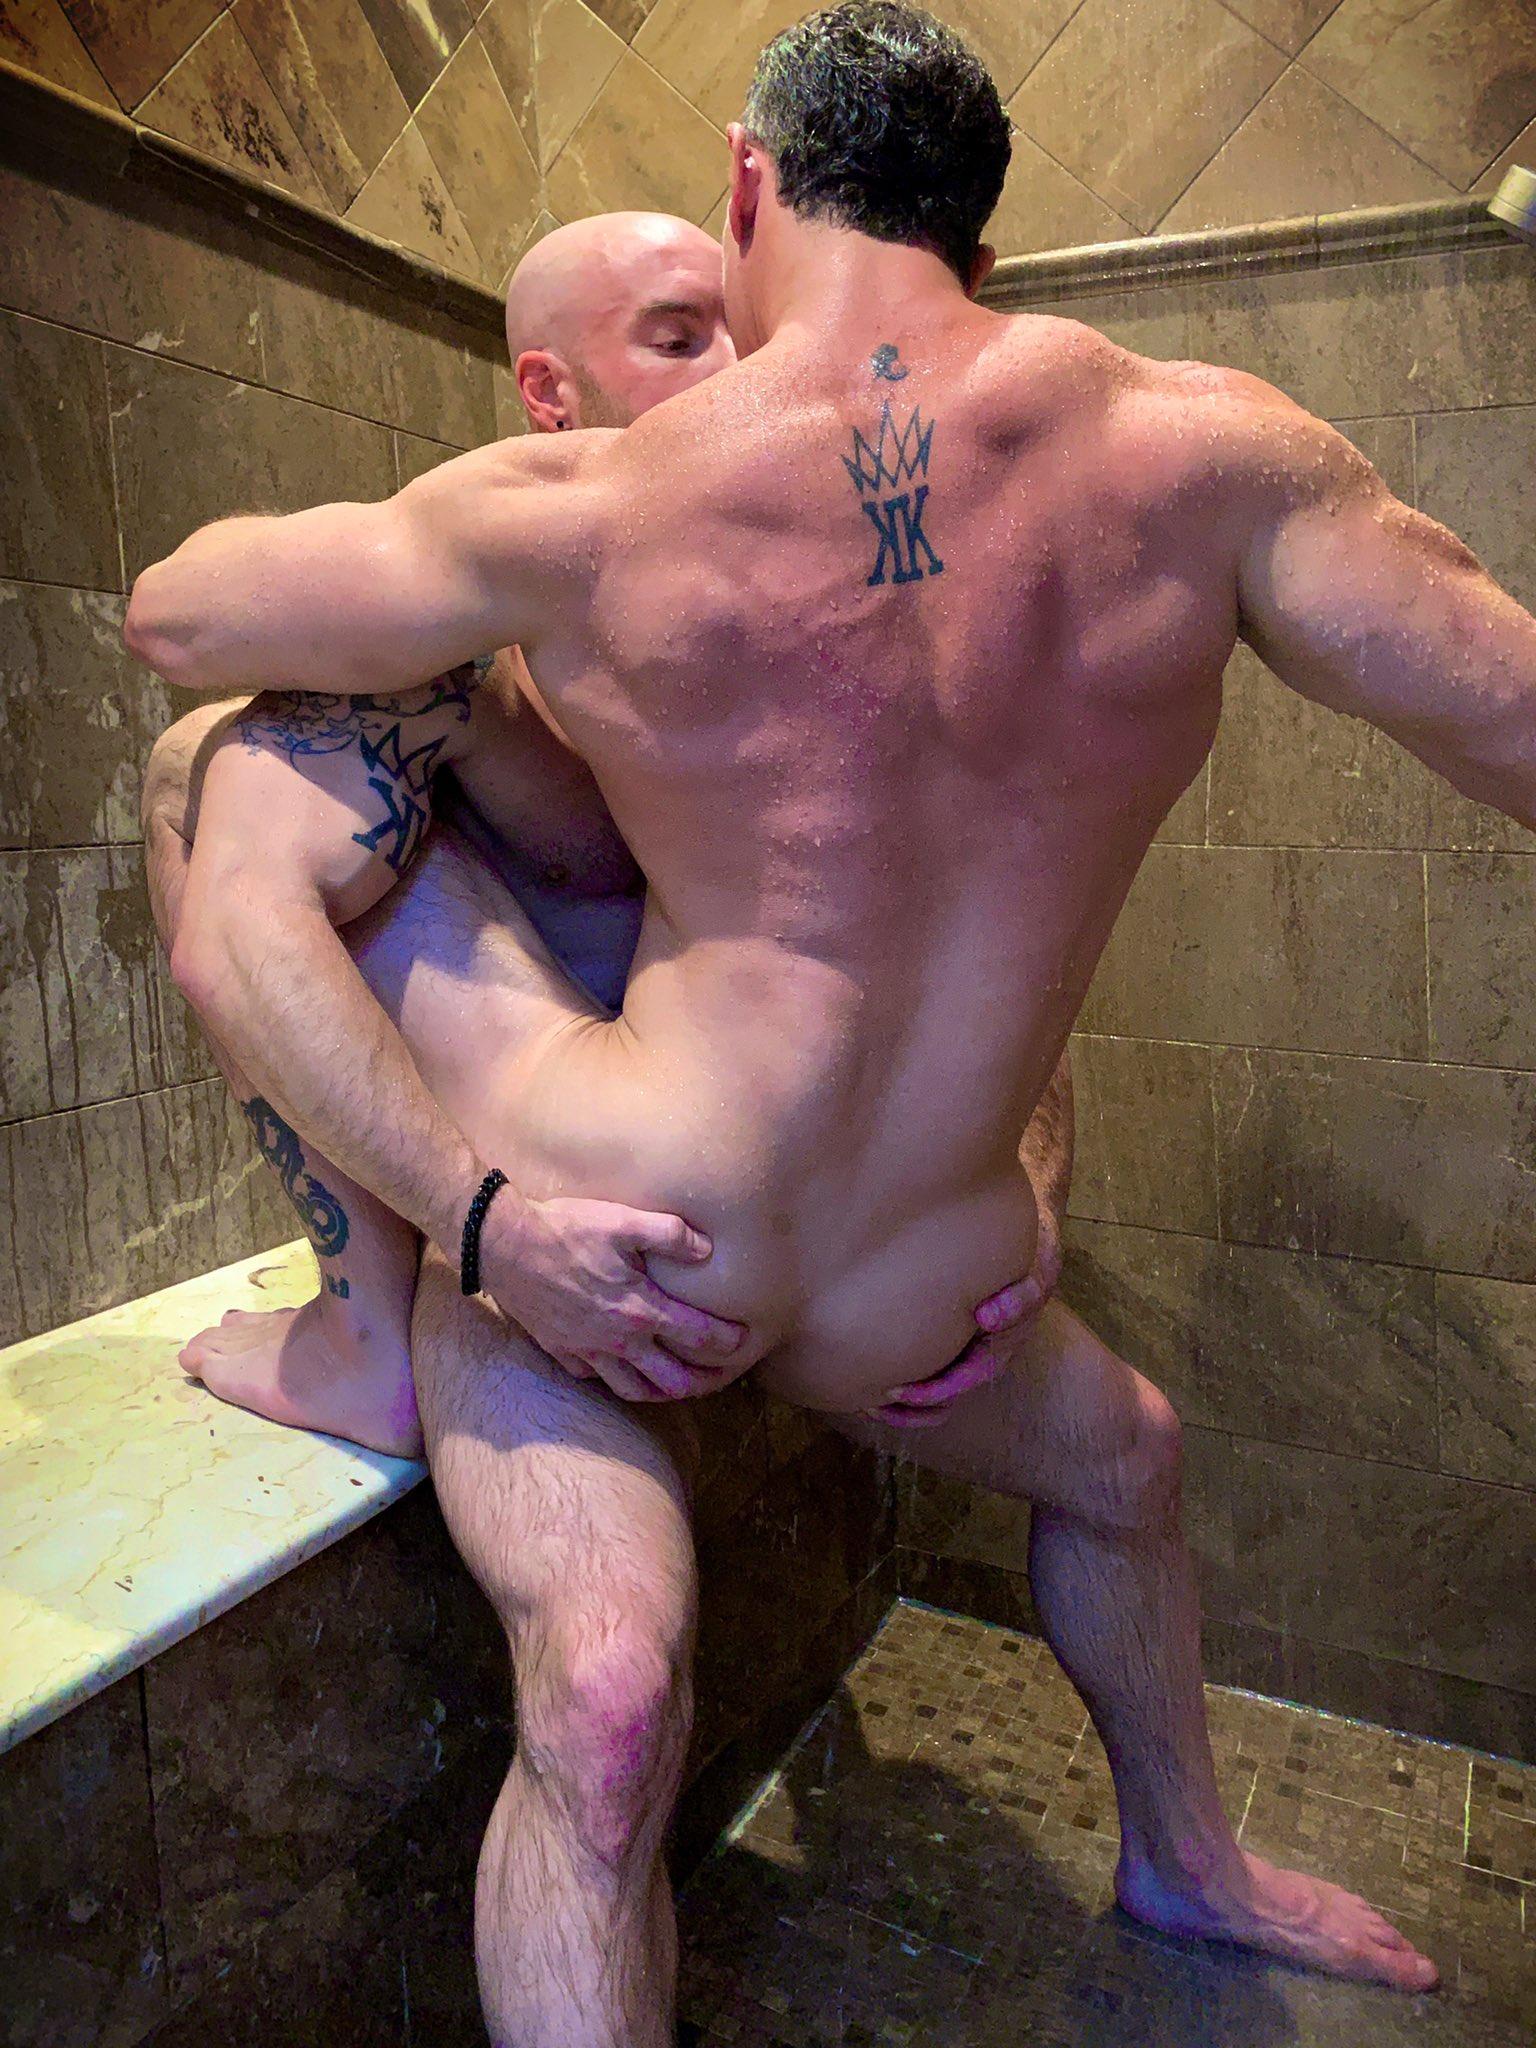 sexo en la ducha, dos